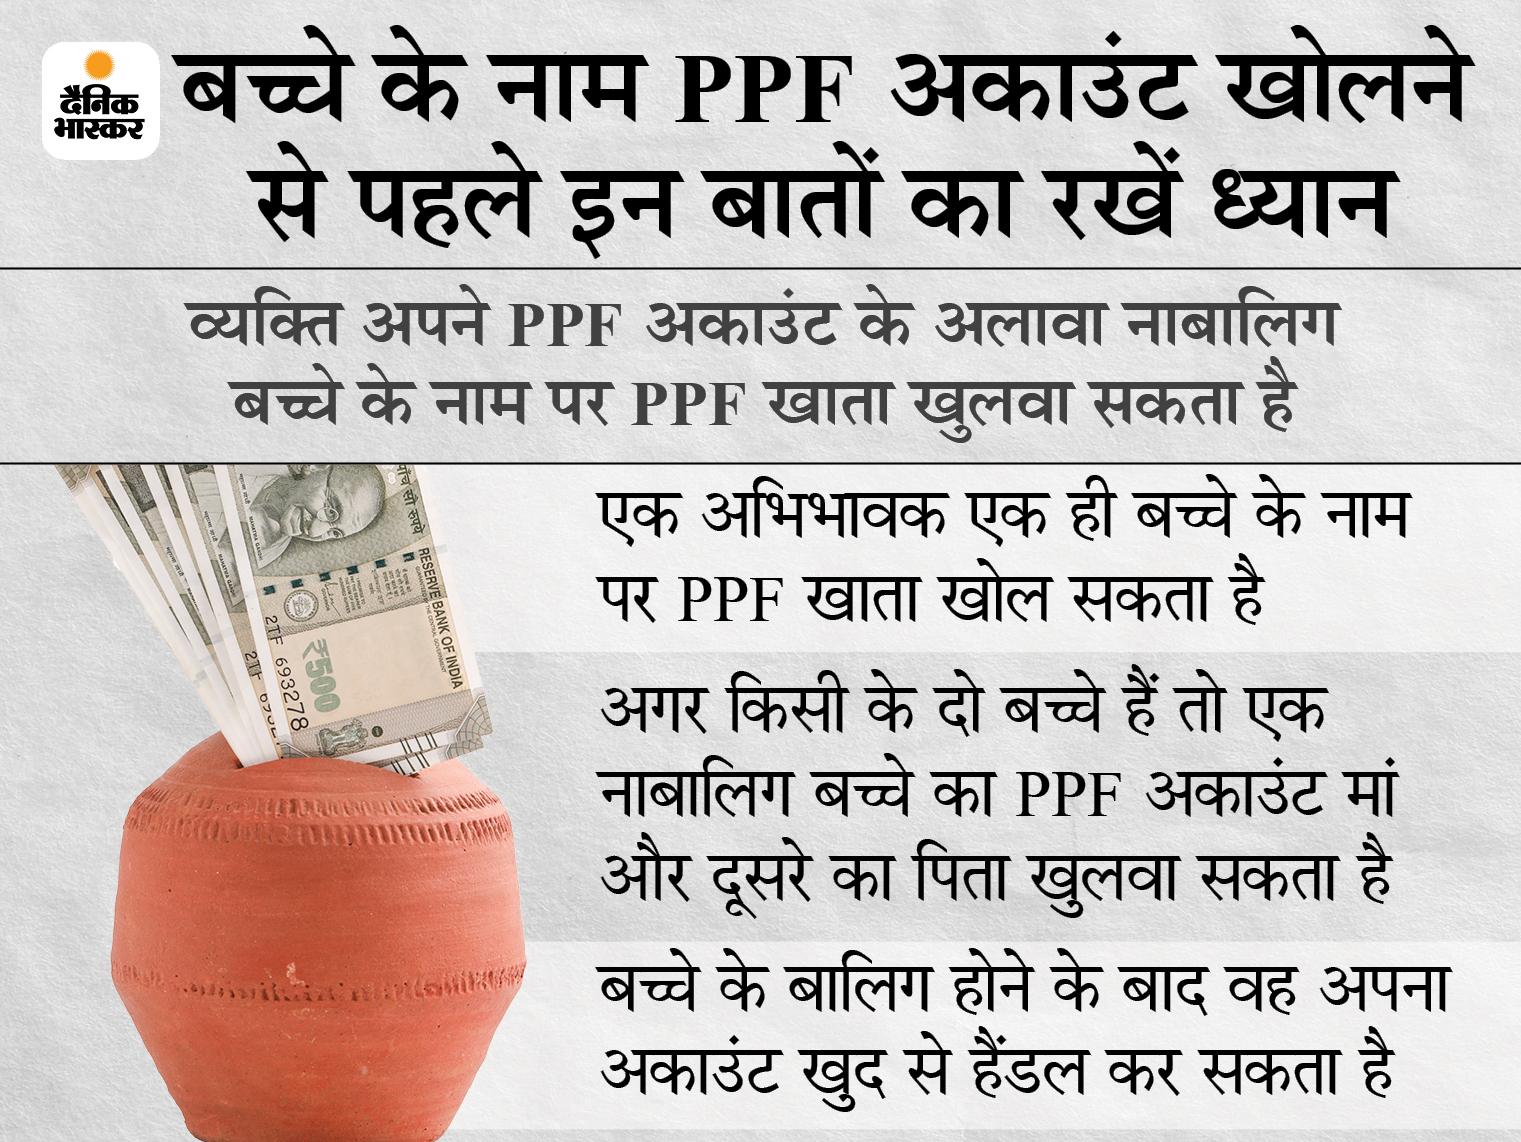 बच्चे के नाम पर खुलवा रहे हैं PPF अकांउट, तो पहले जान लें इसमें कितना पैसा कर सकते हैं जमा; यहां जानें इससे जुड़ी शर्तें|बिजनेस,Business - Dainik Bhaskar